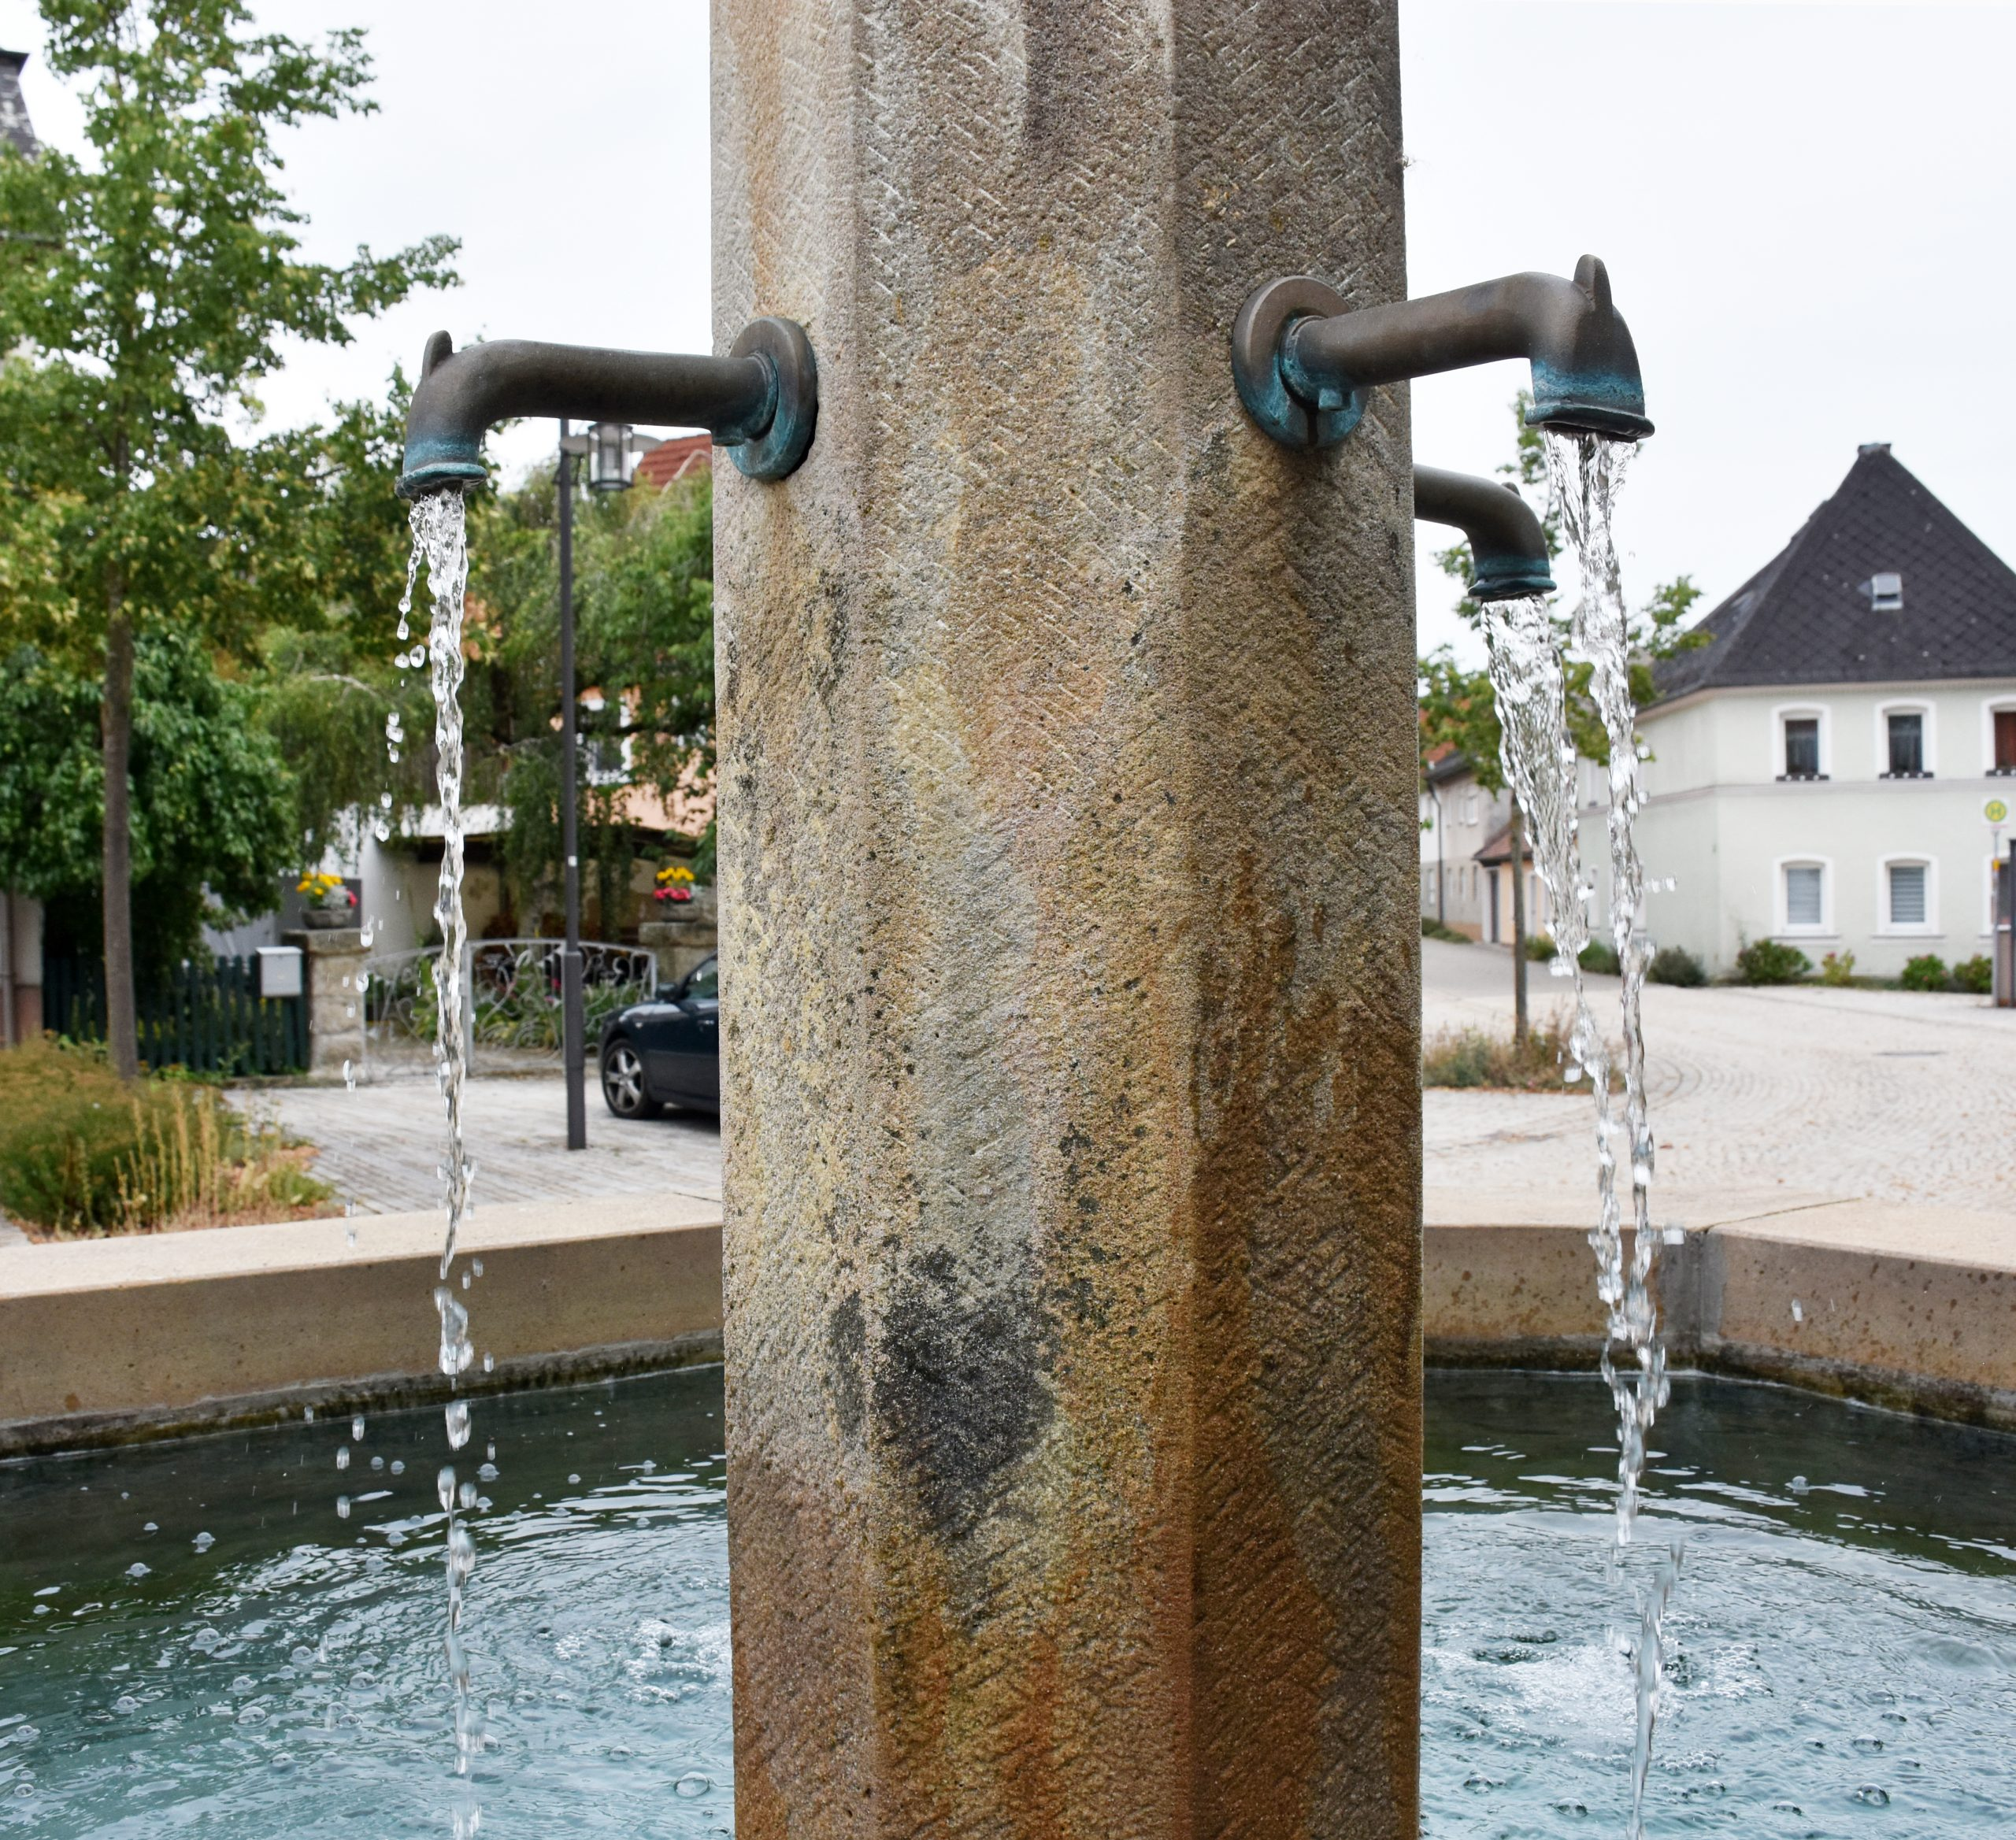 Wasserversorgung Speichersdorf Symbolbild